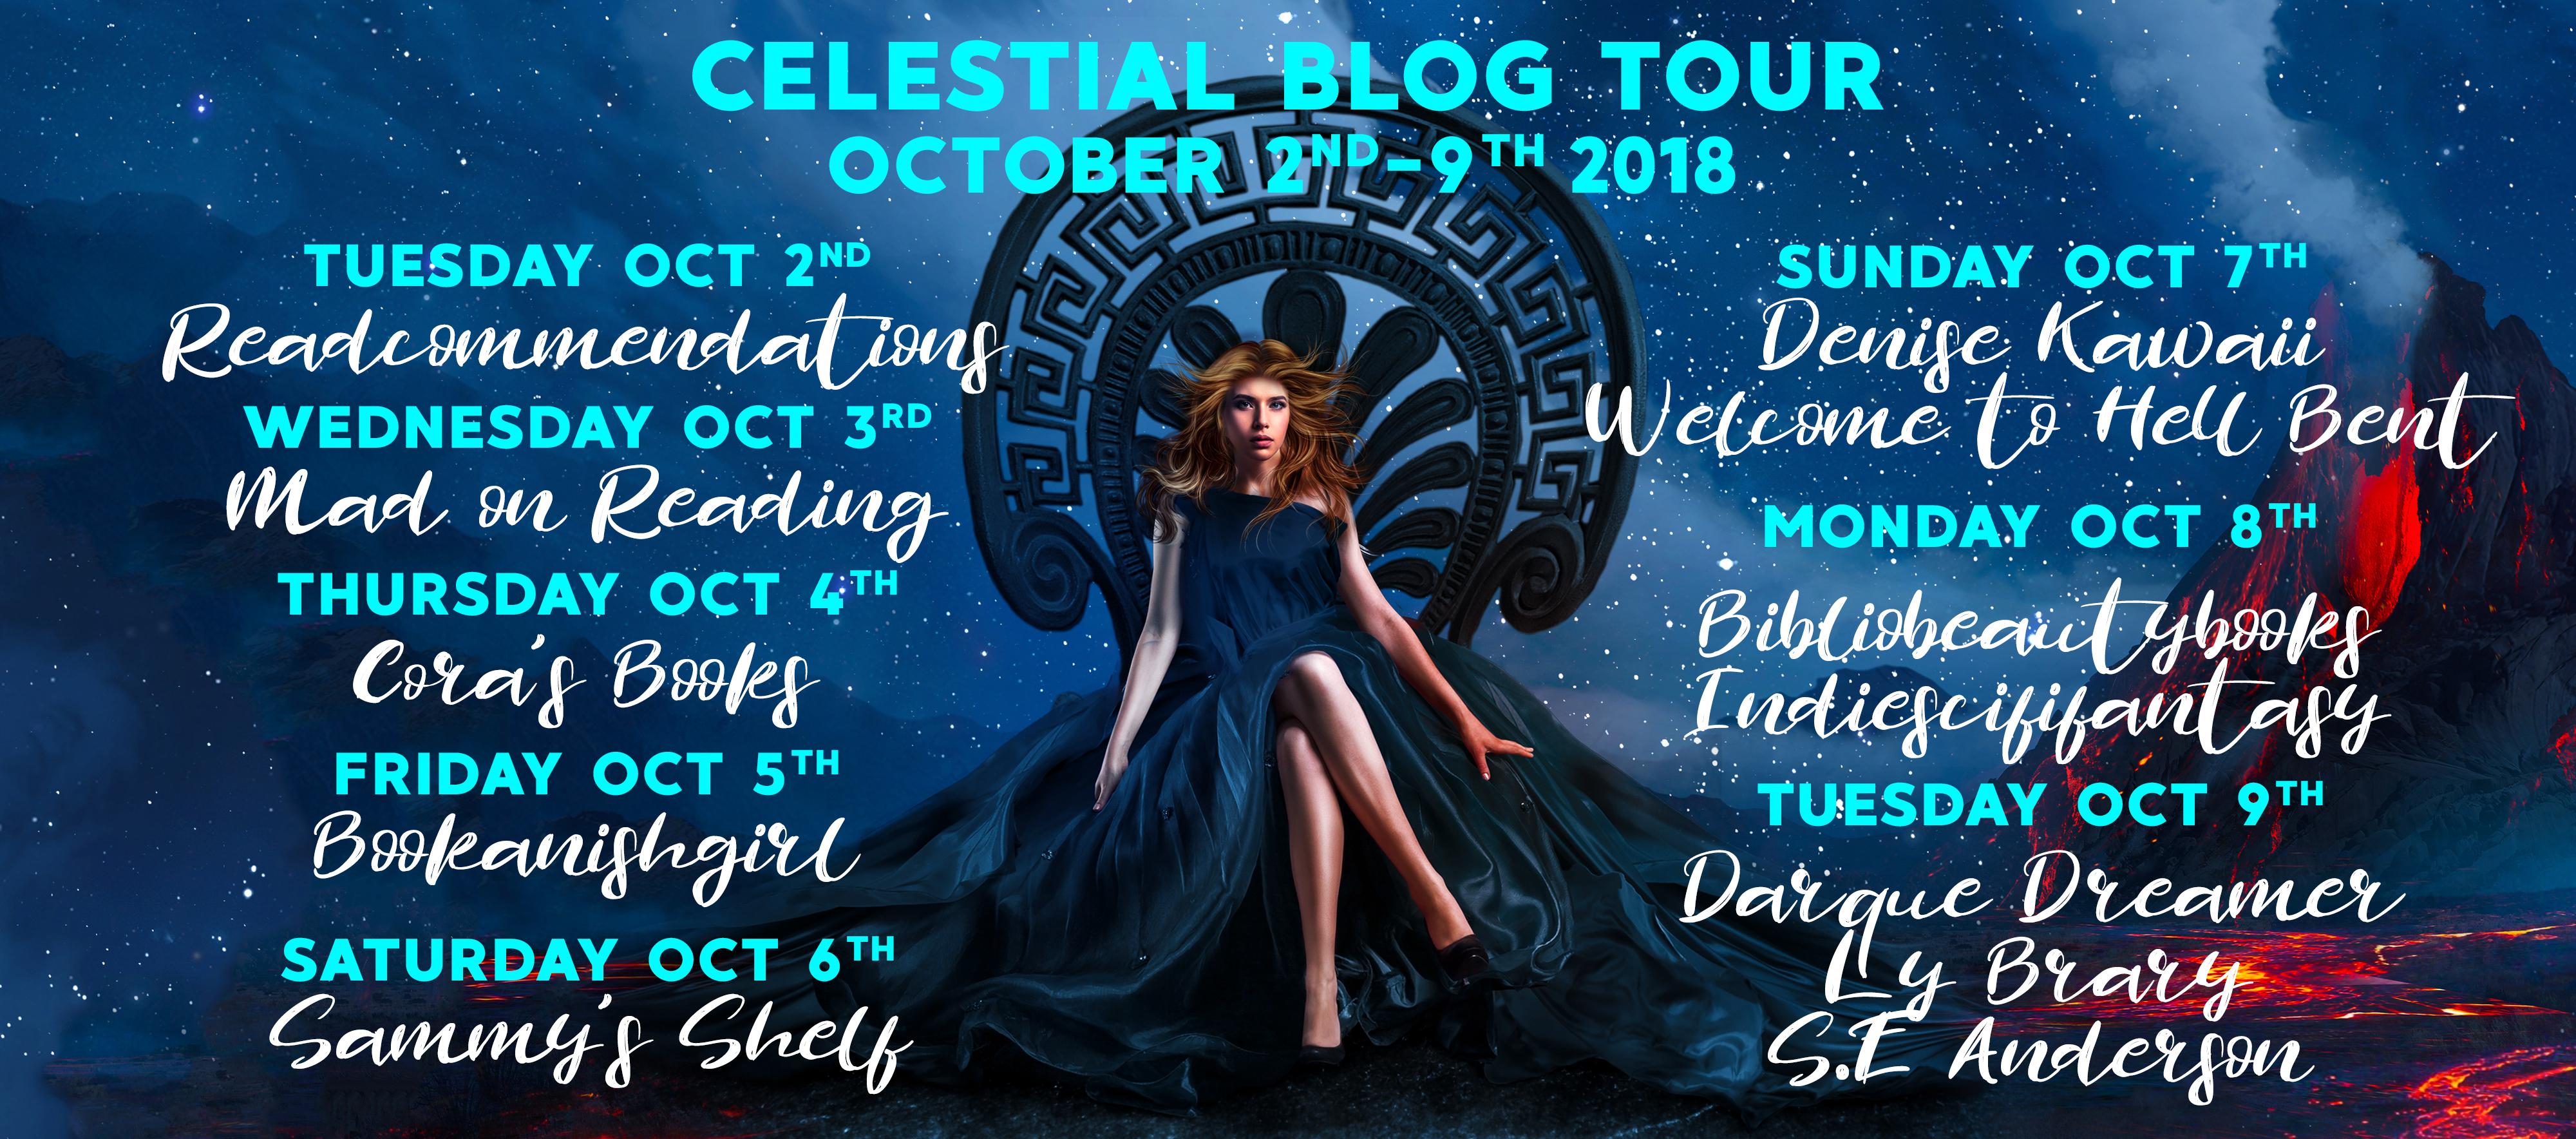 Celestial Blog Tour Banner People.jpg